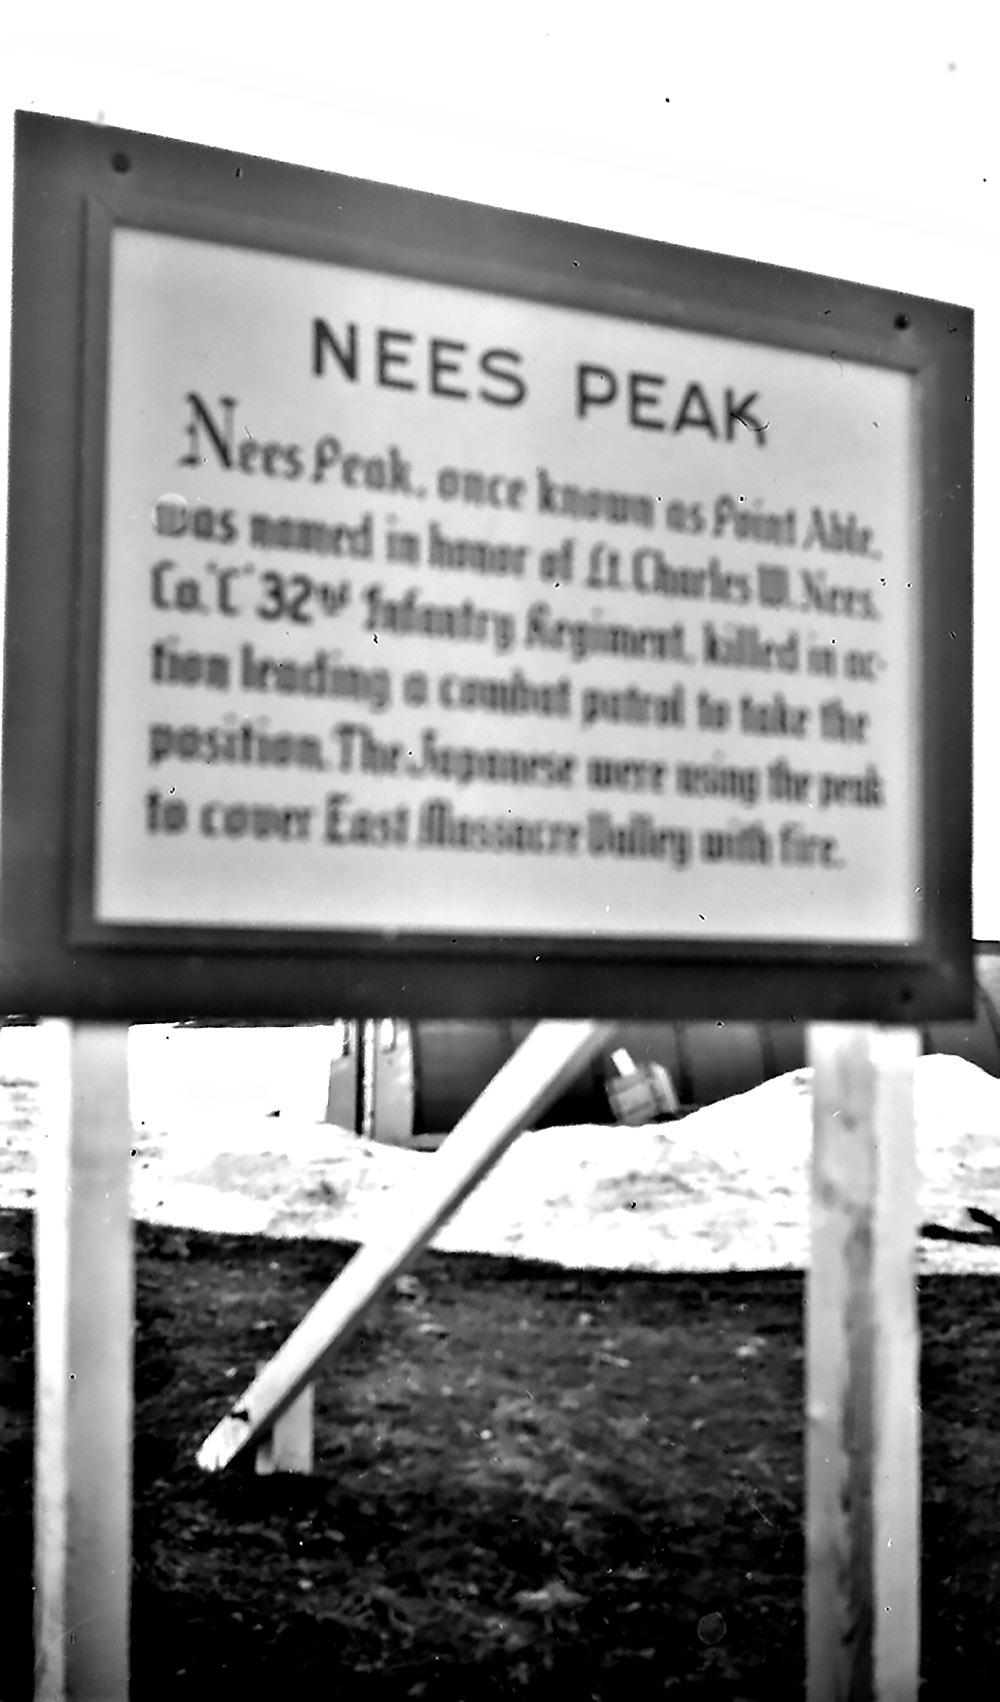 Nees Peak